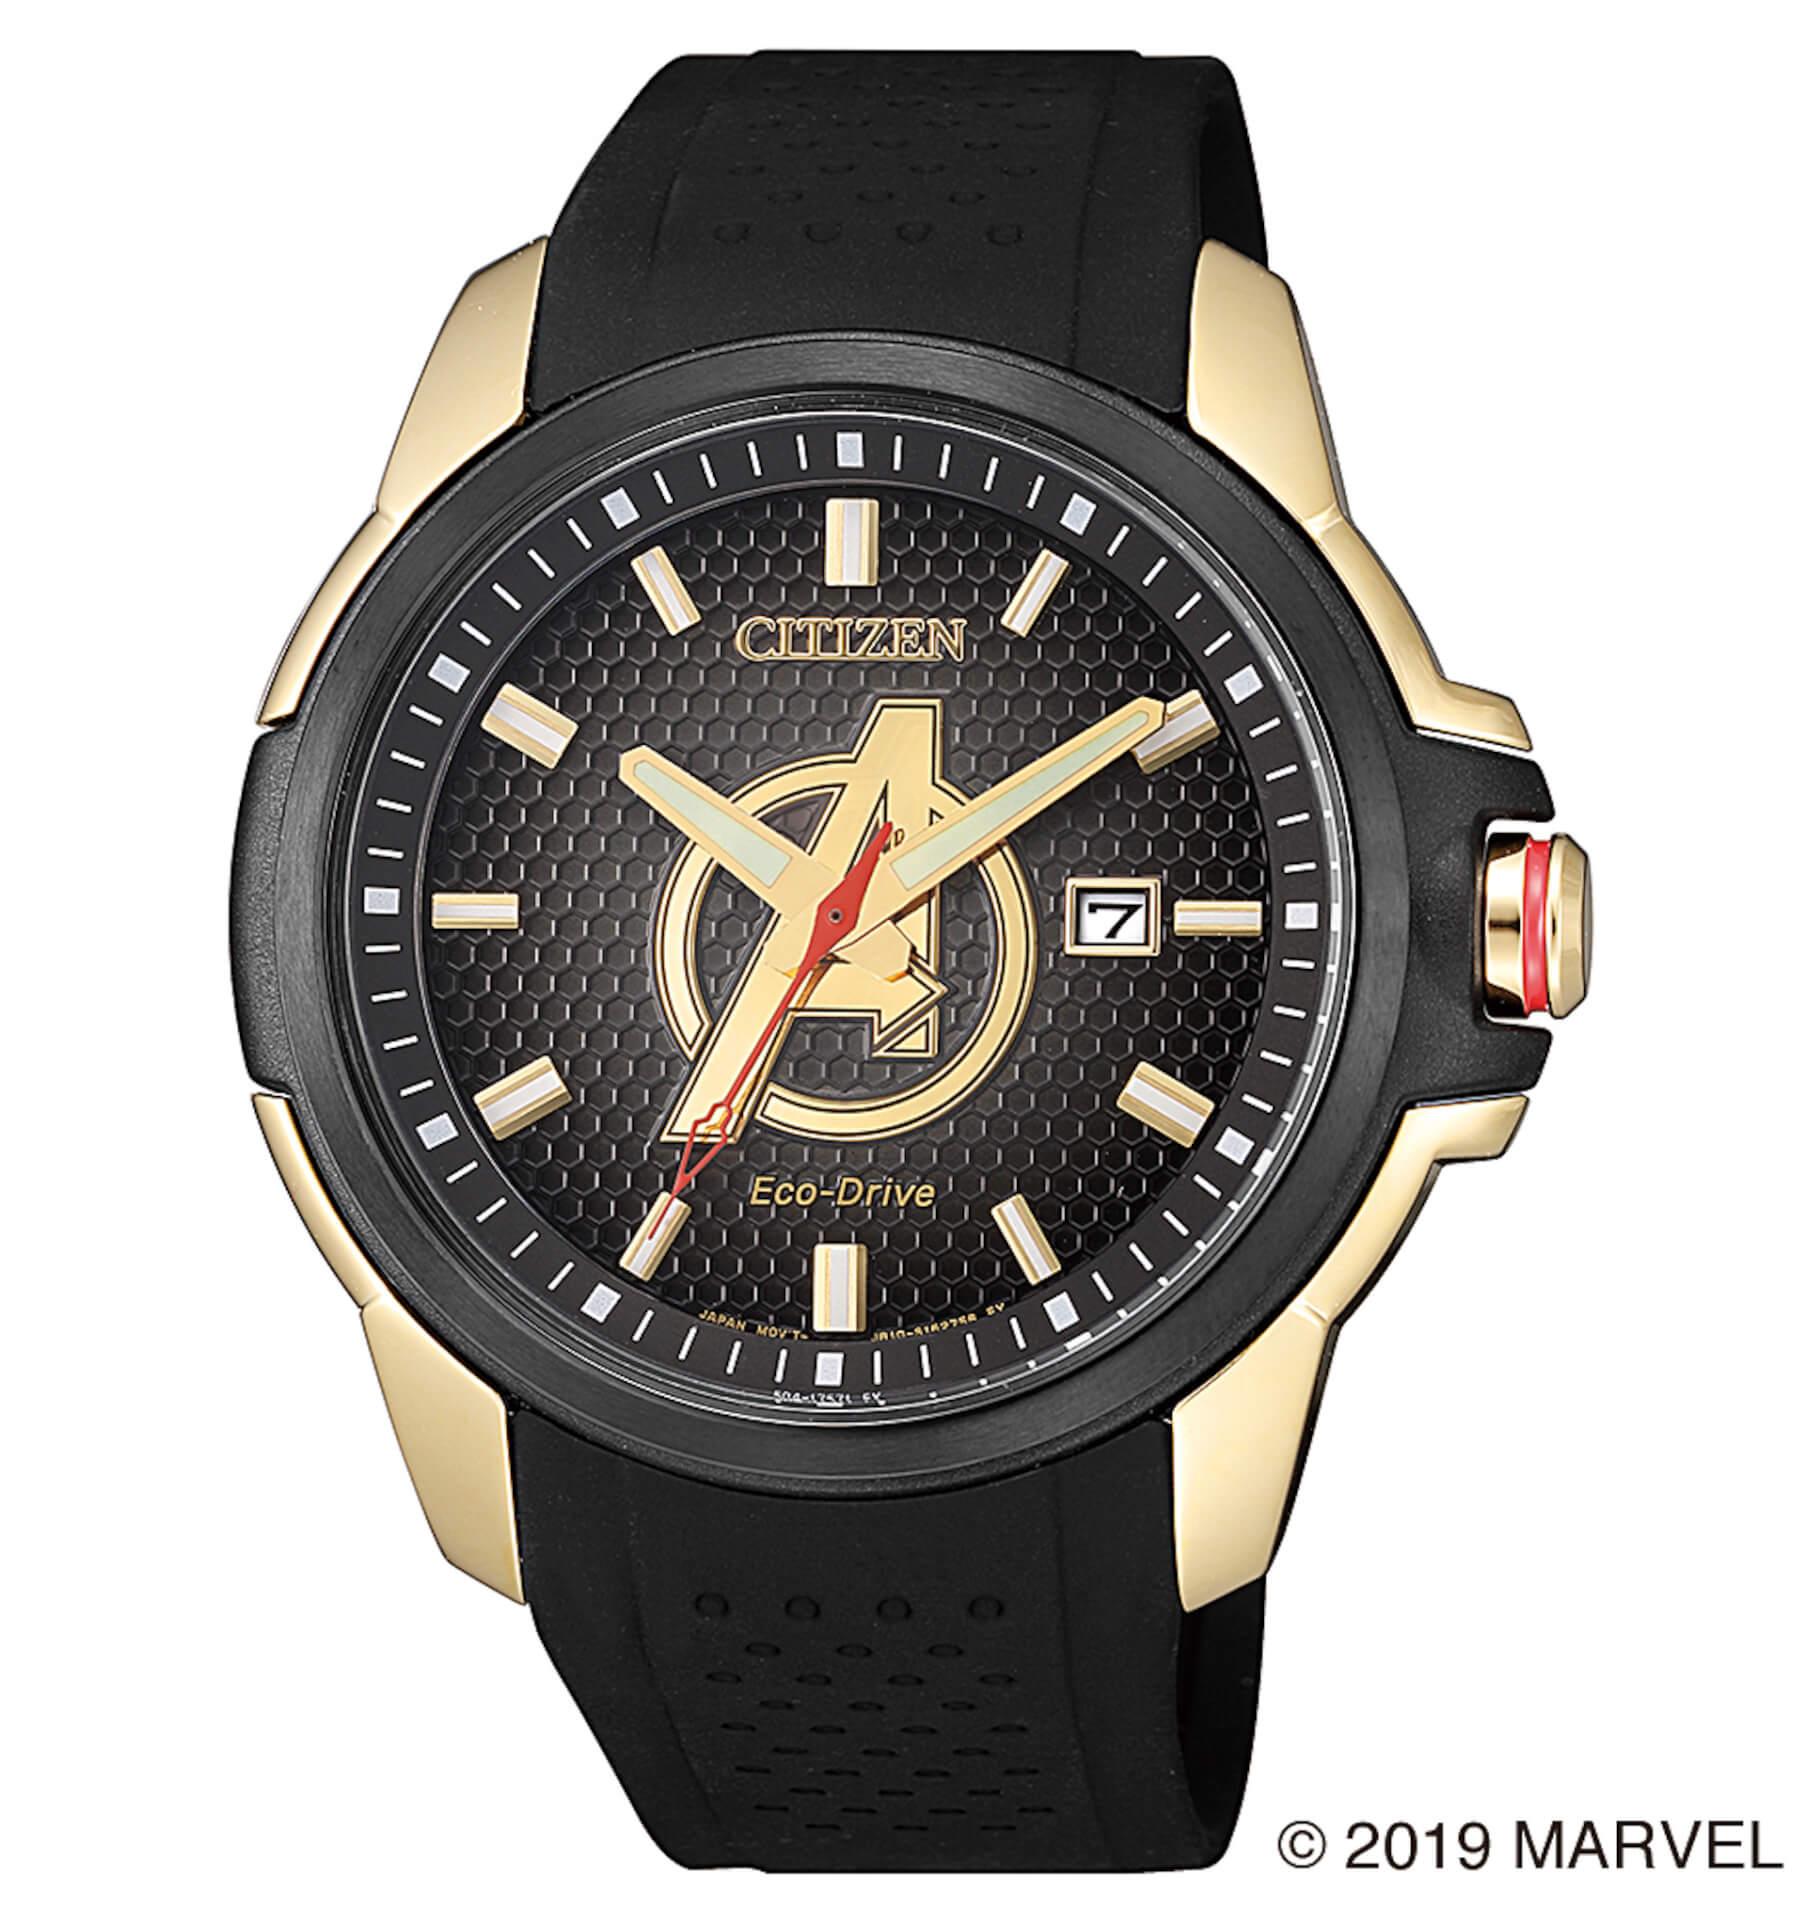 「スパイダーマン」や「キャプテン・アメリカ」が腕時計に!マーベルキャラクターをモチーフにしたシチズン腕時計全9モデルが登場 tech190919_marvel_watch_13